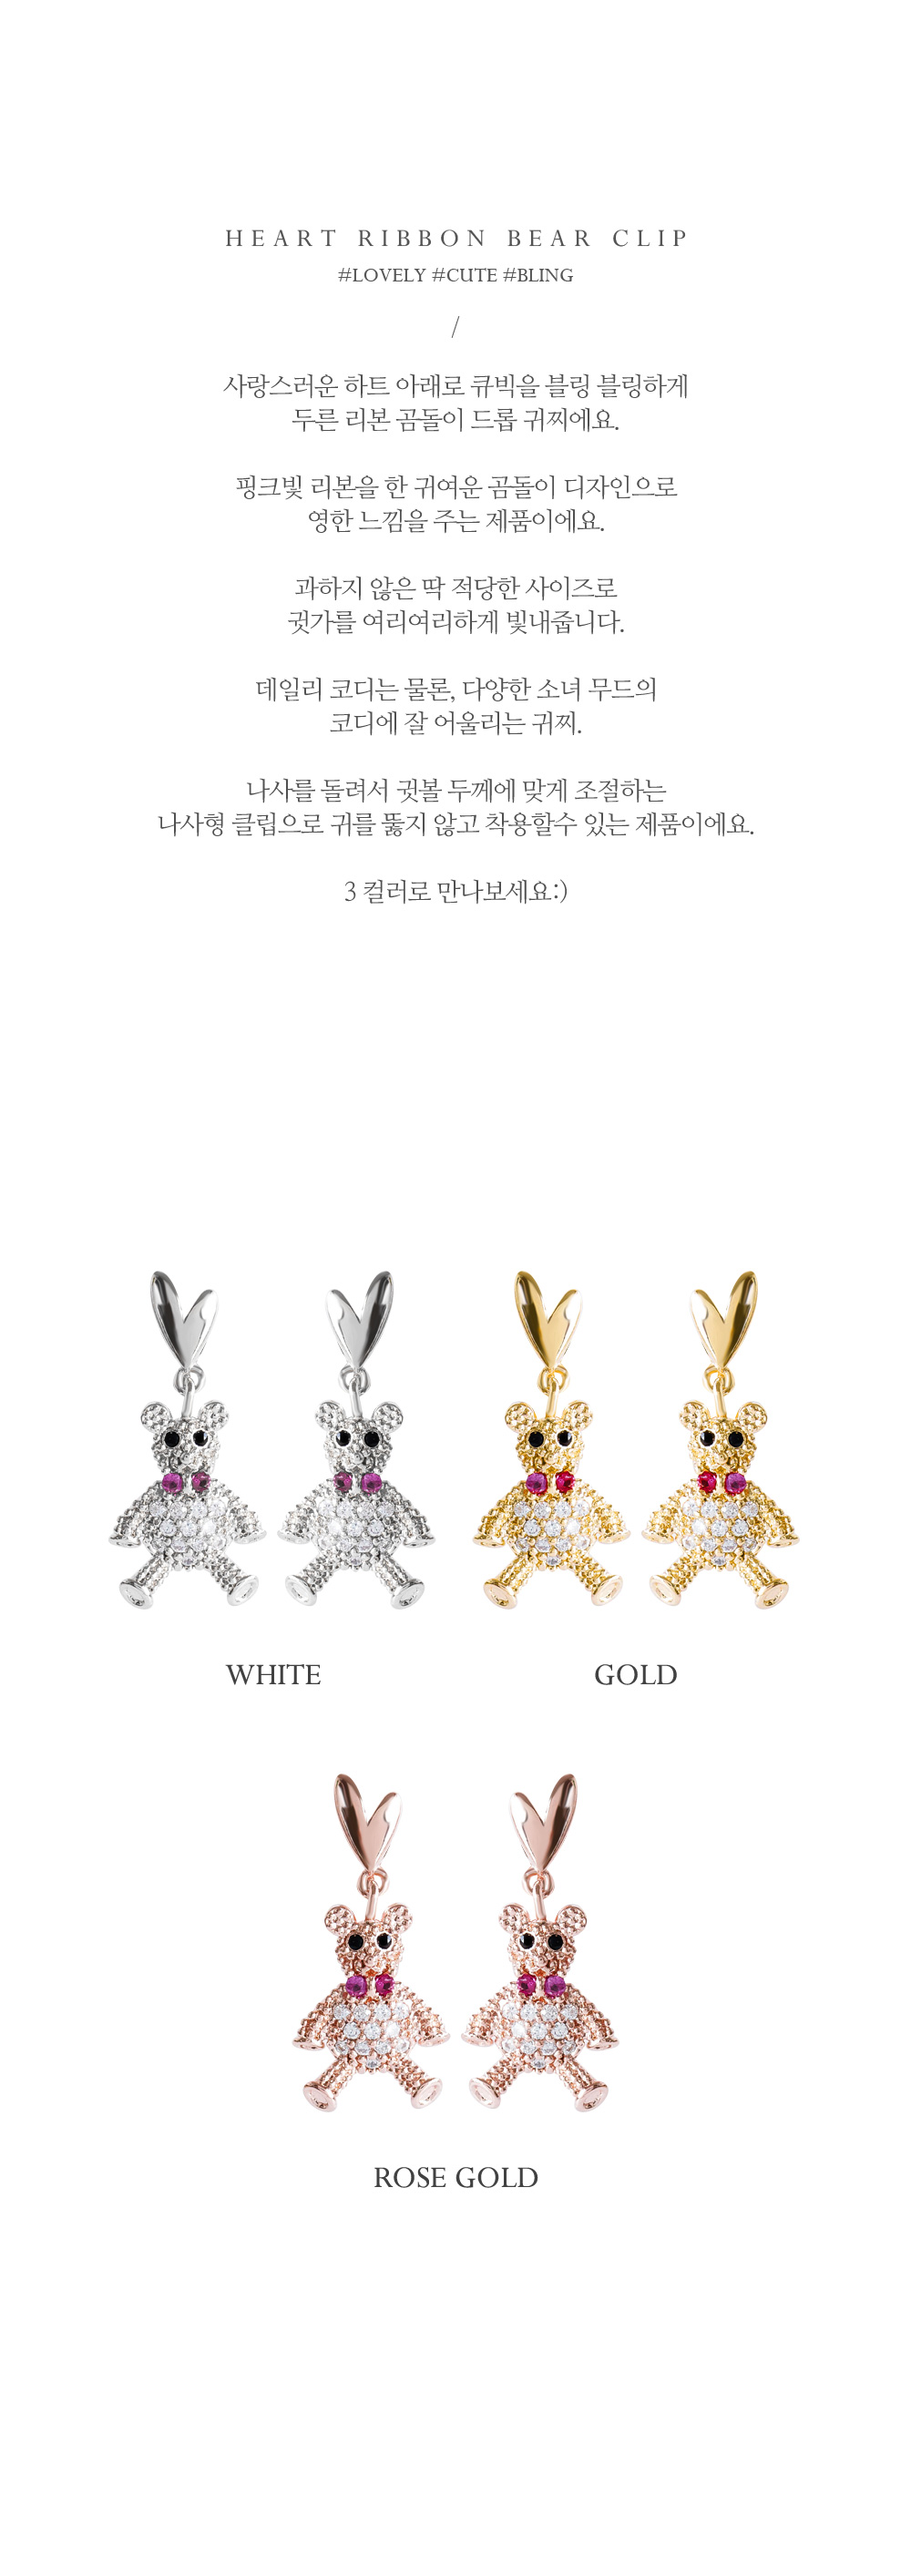 하트 리본 베어 귀찌 - 폭스타일글로벌주식회사, 10,000원, 진주/원석, 드롭귀걸이